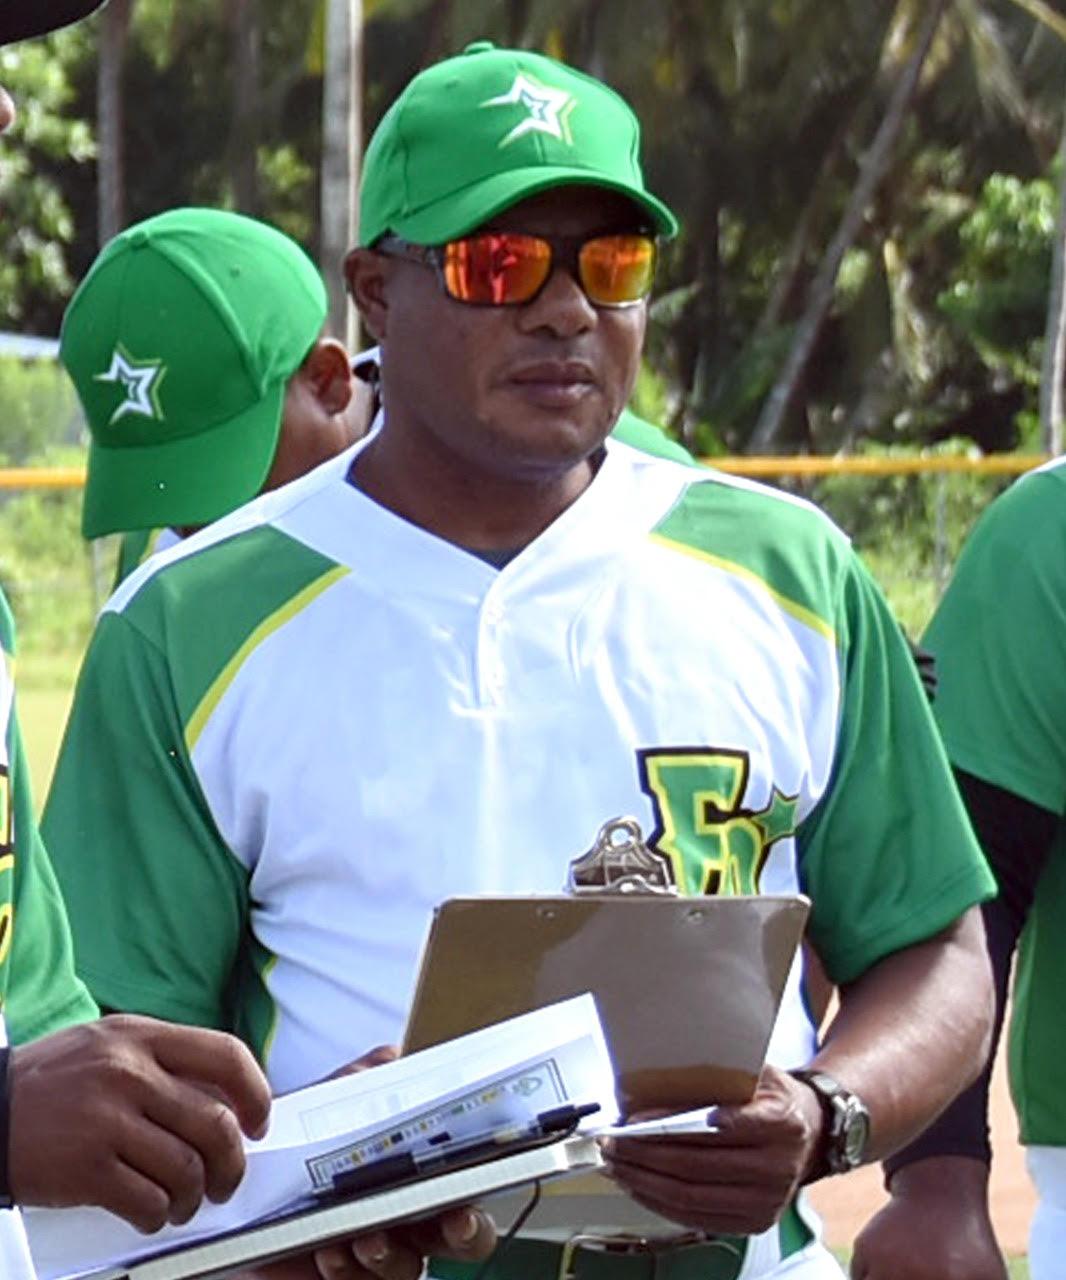 Fallece de un infarto José Mota, coach de las Estrellas Orientales